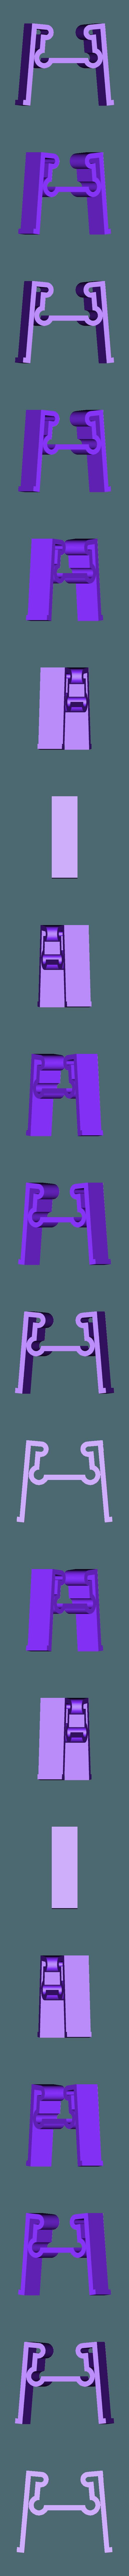 2020_clamp.stl Télécharger fichier STL gratuit 20/20 Porte-bobine et pince • Modèle pour imprimante 3D, LionFox